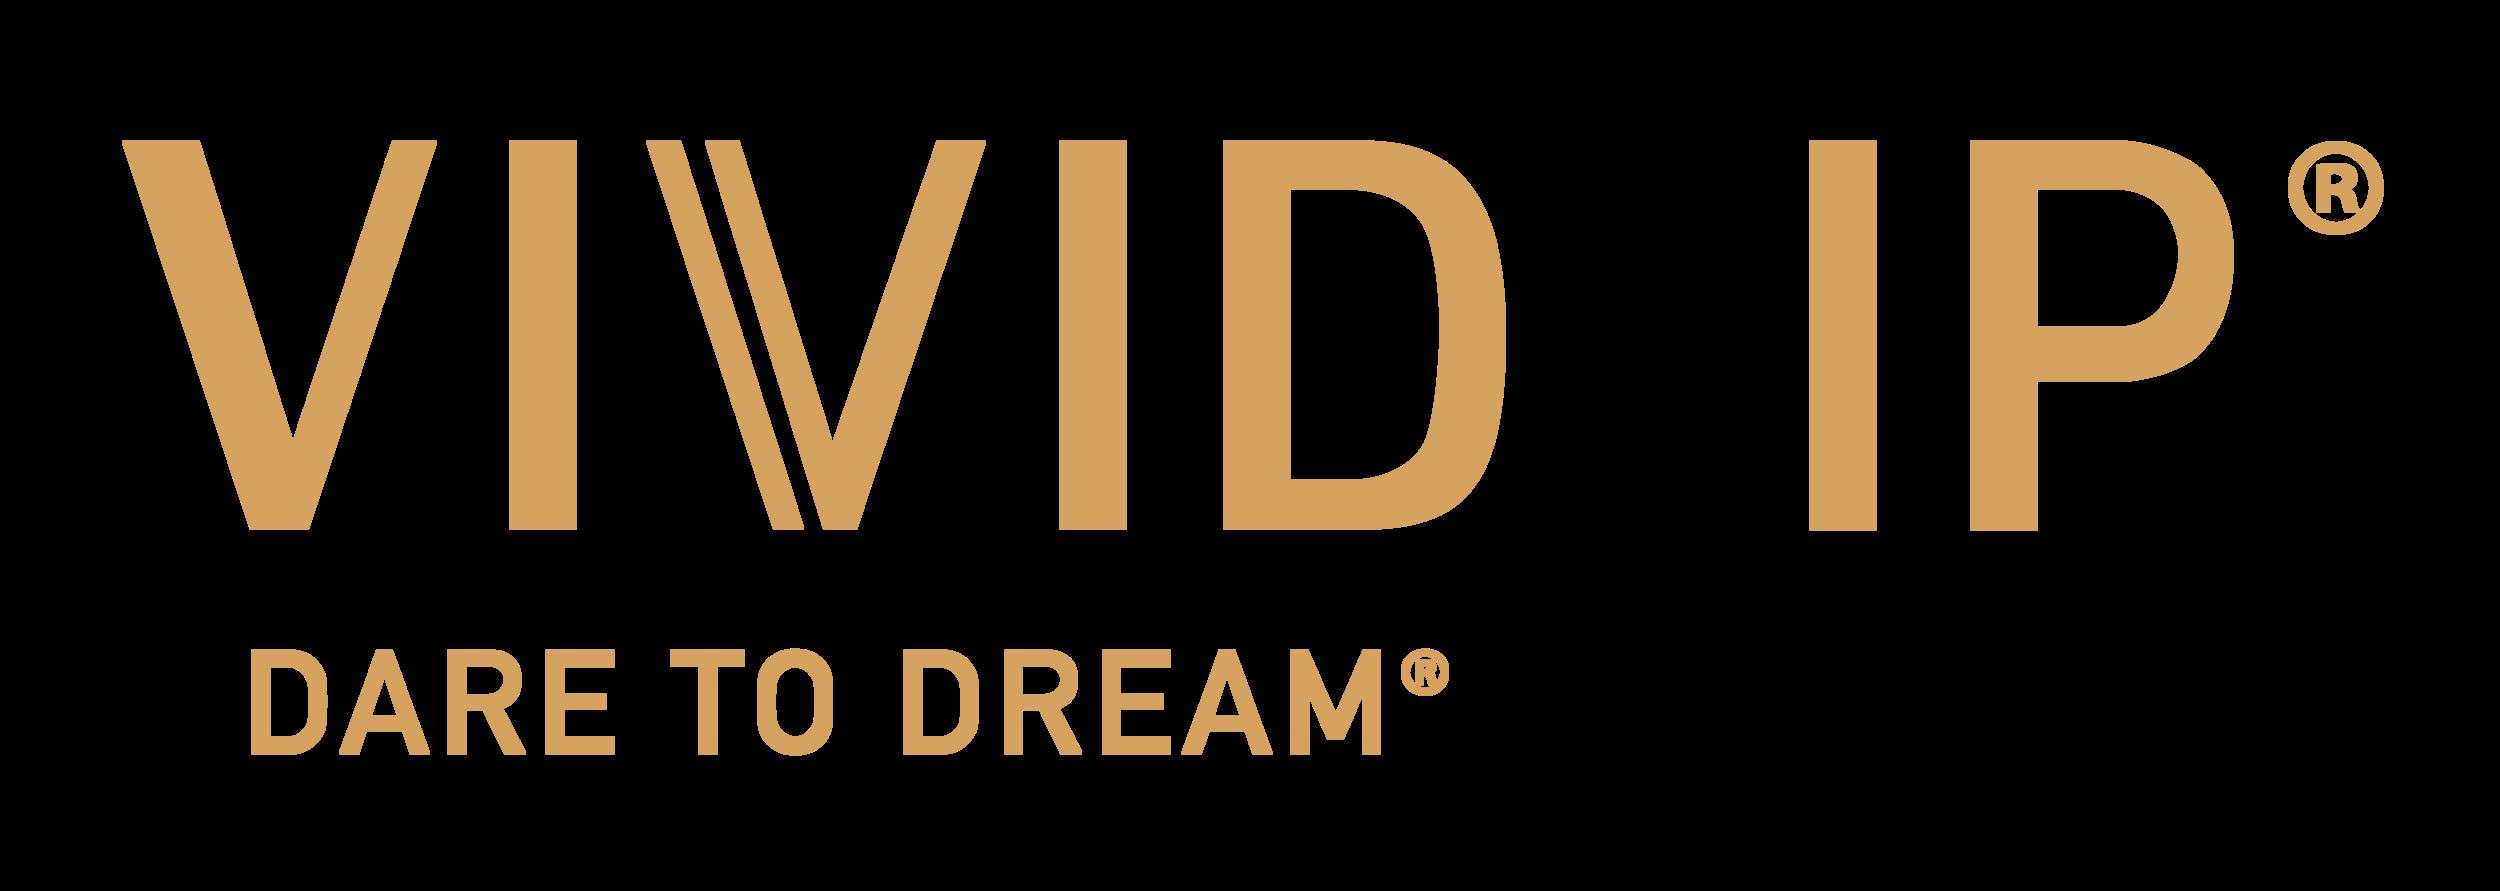 Vivid IP   Brand Assets   Tagline Lockup Centered-02.png